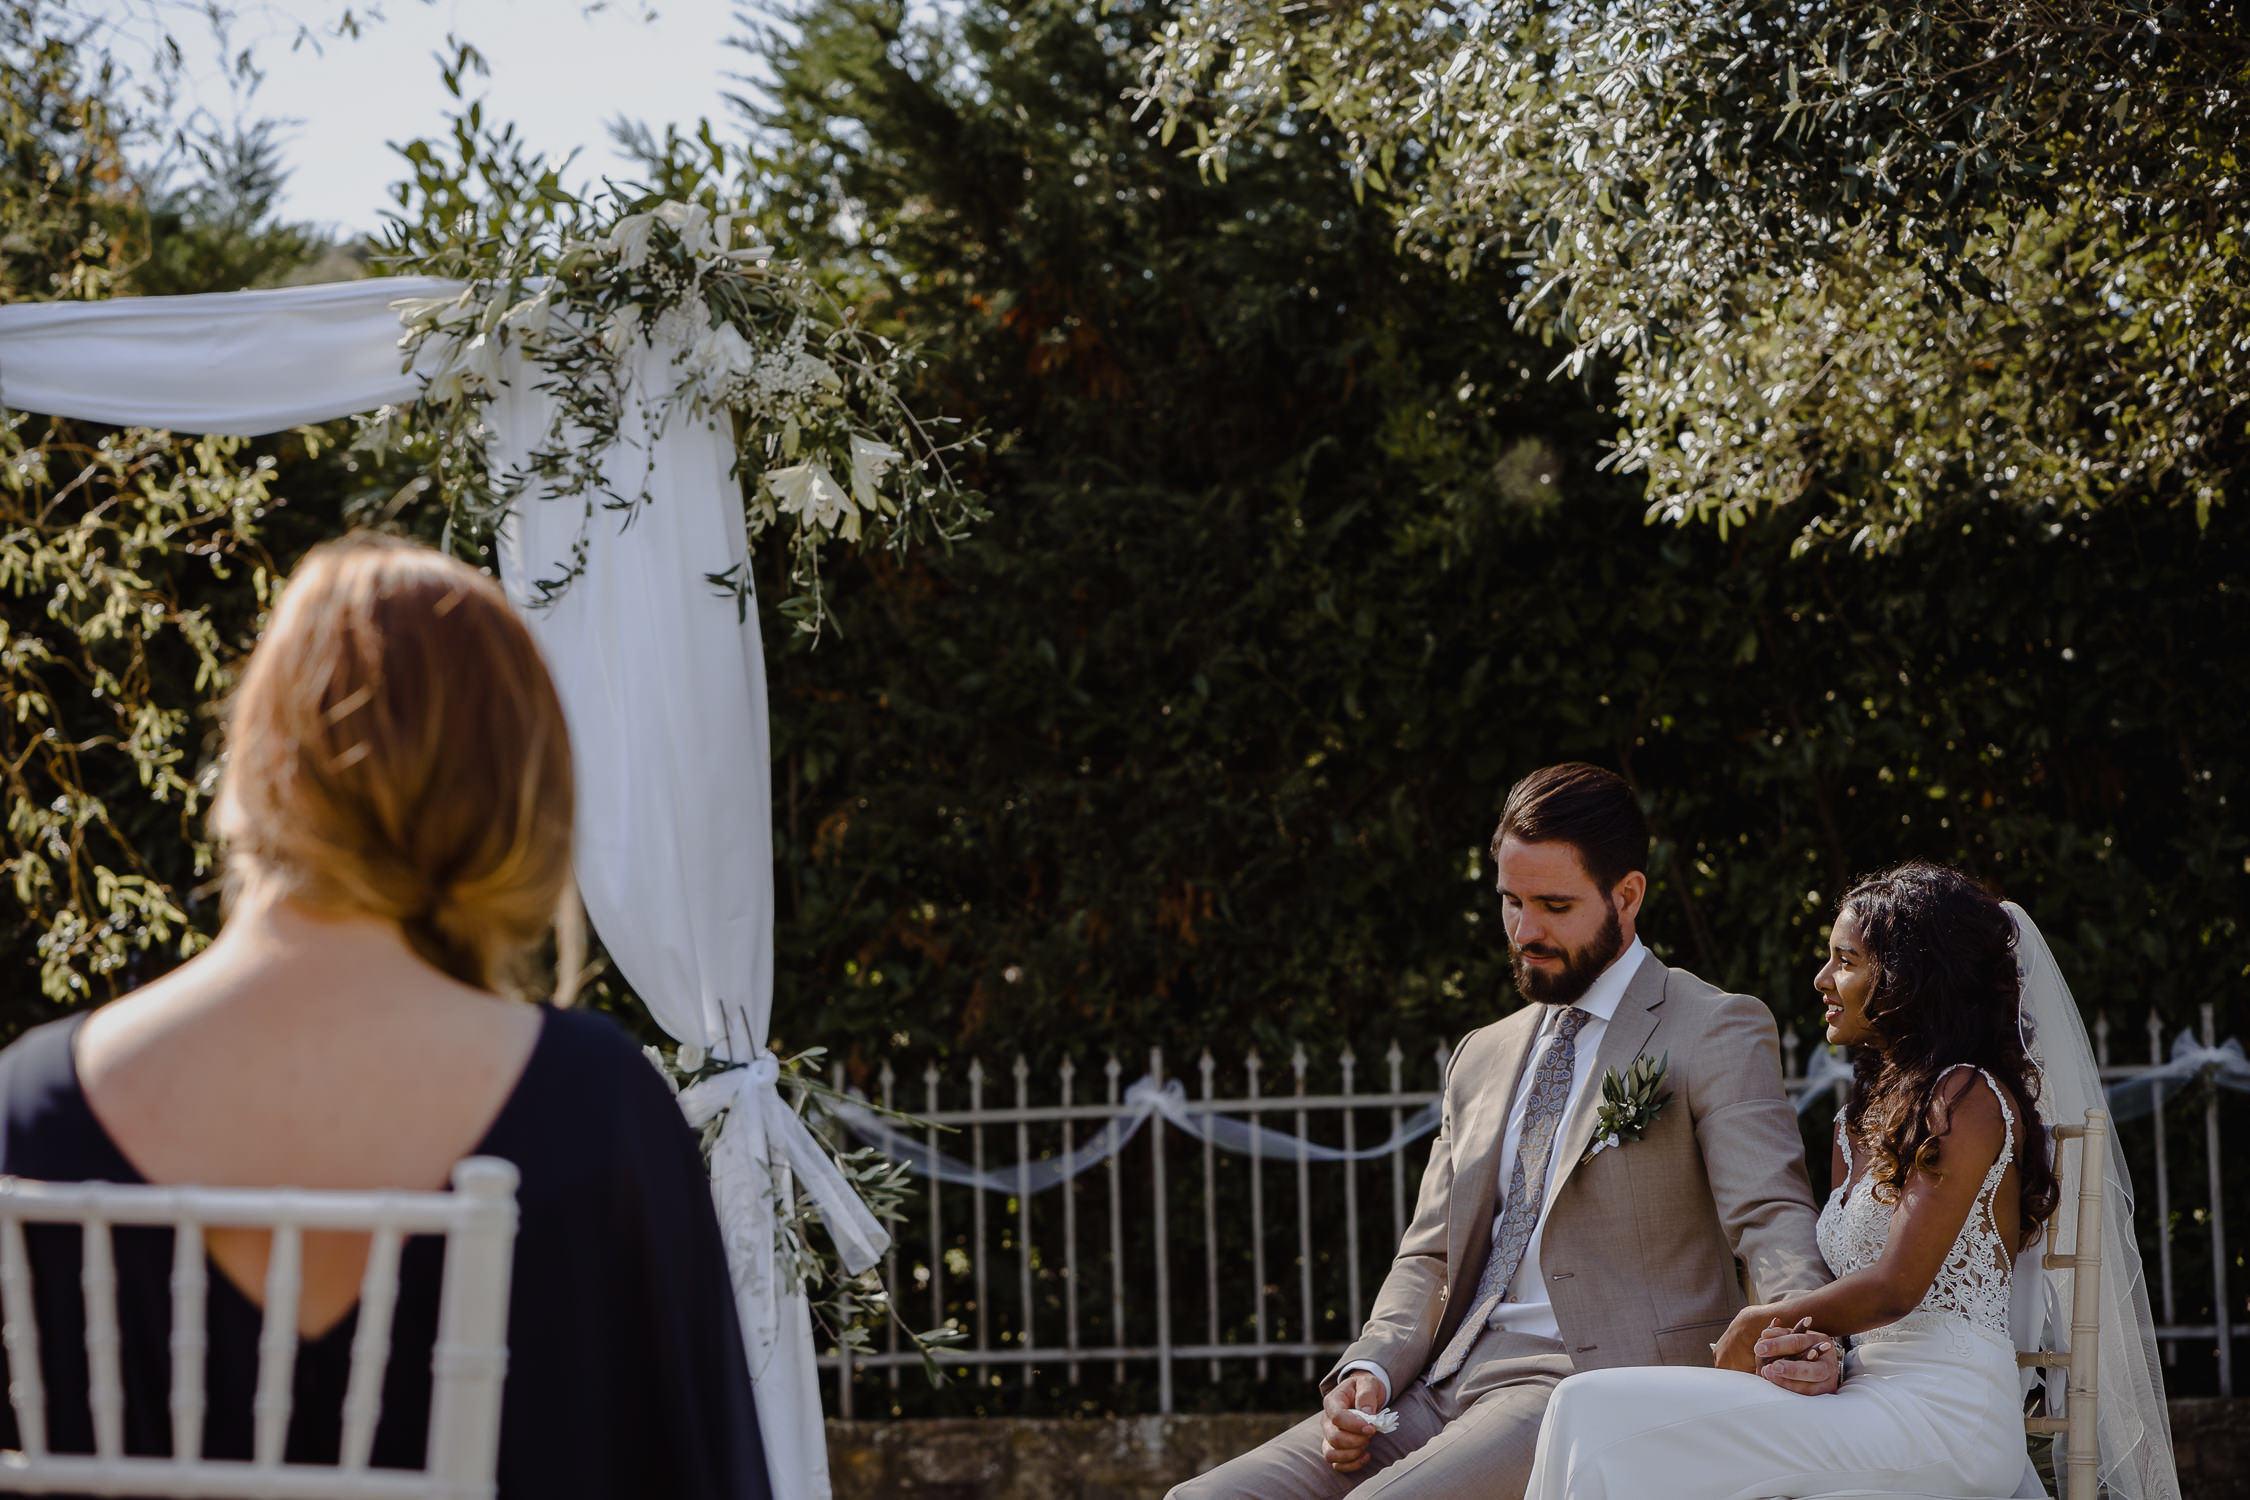 bruidsfotografie-trouwfotograaf-amsterdam-utrecht-mark-hadden-Judith-Igor-224.jpg